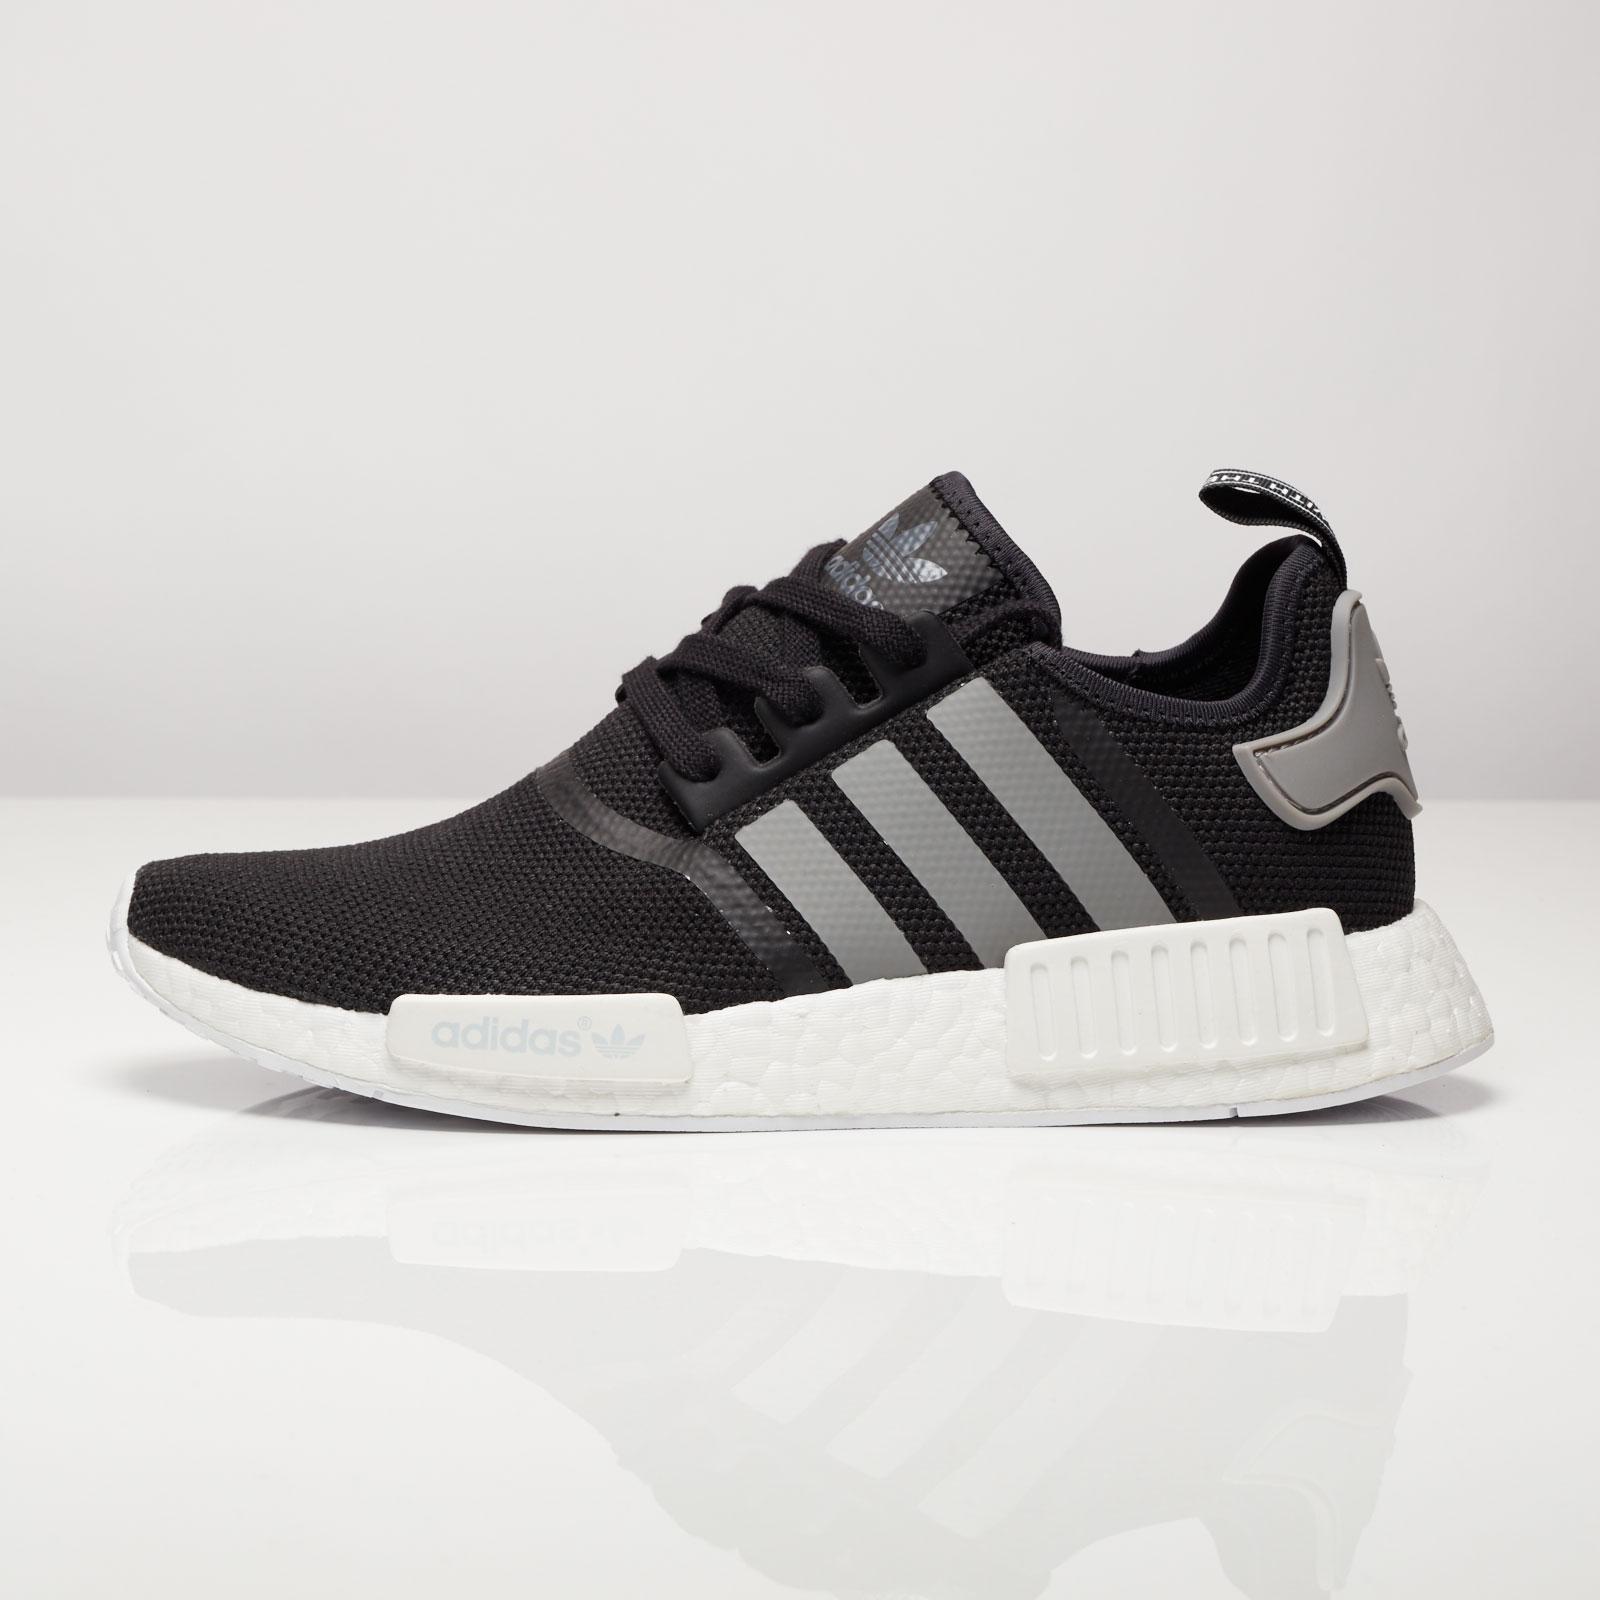 Adidas Nmd R1 S31504 Sneakersnstuff Sneakers Streetwear